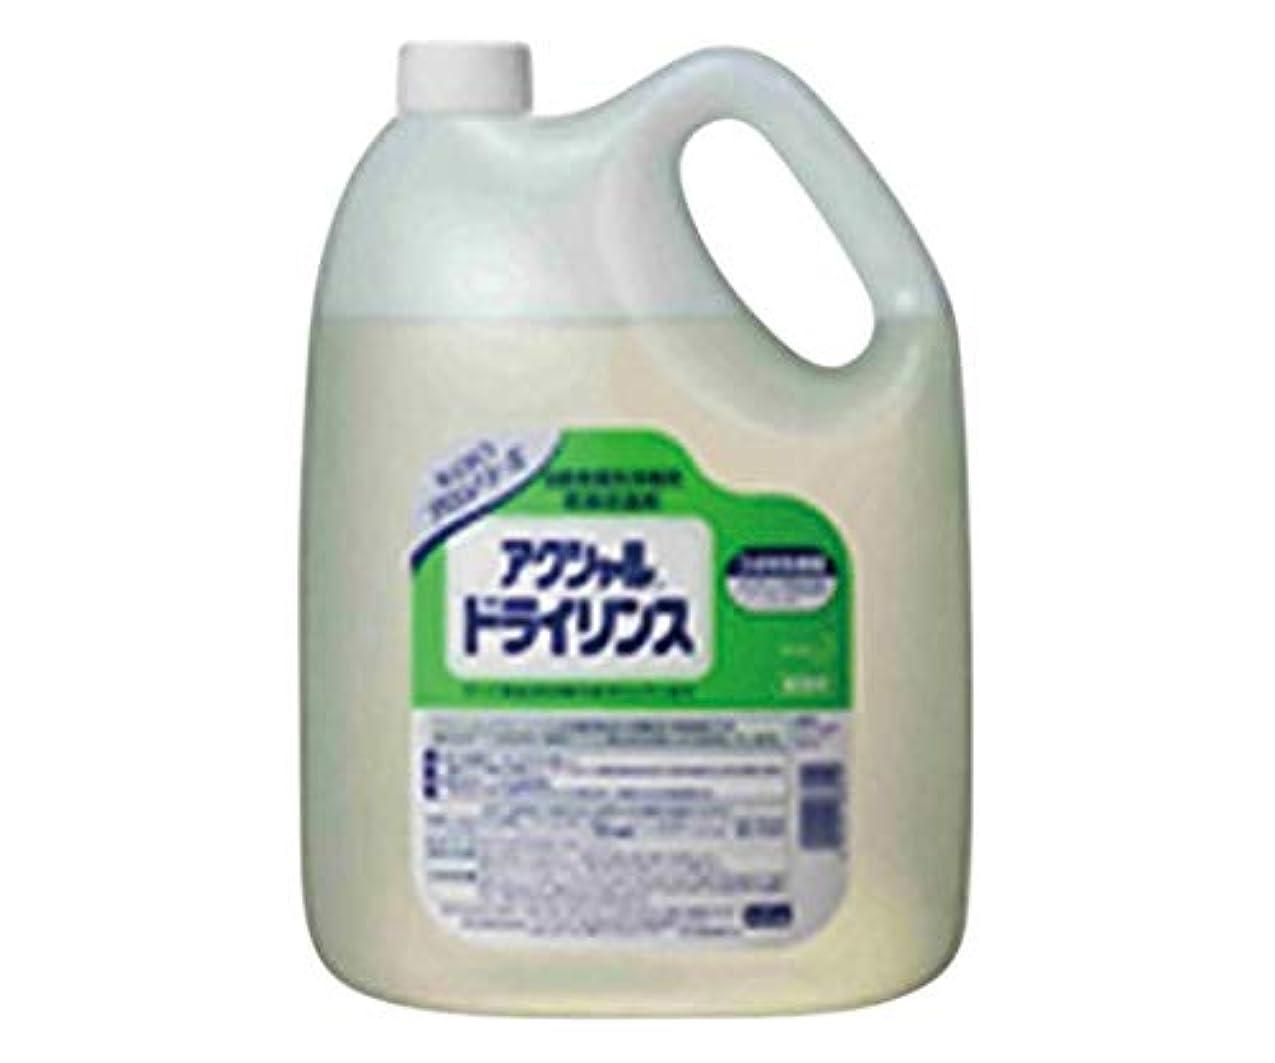 冷ややかなピンクビクター花王 アクシャルドライリンス 4.5L